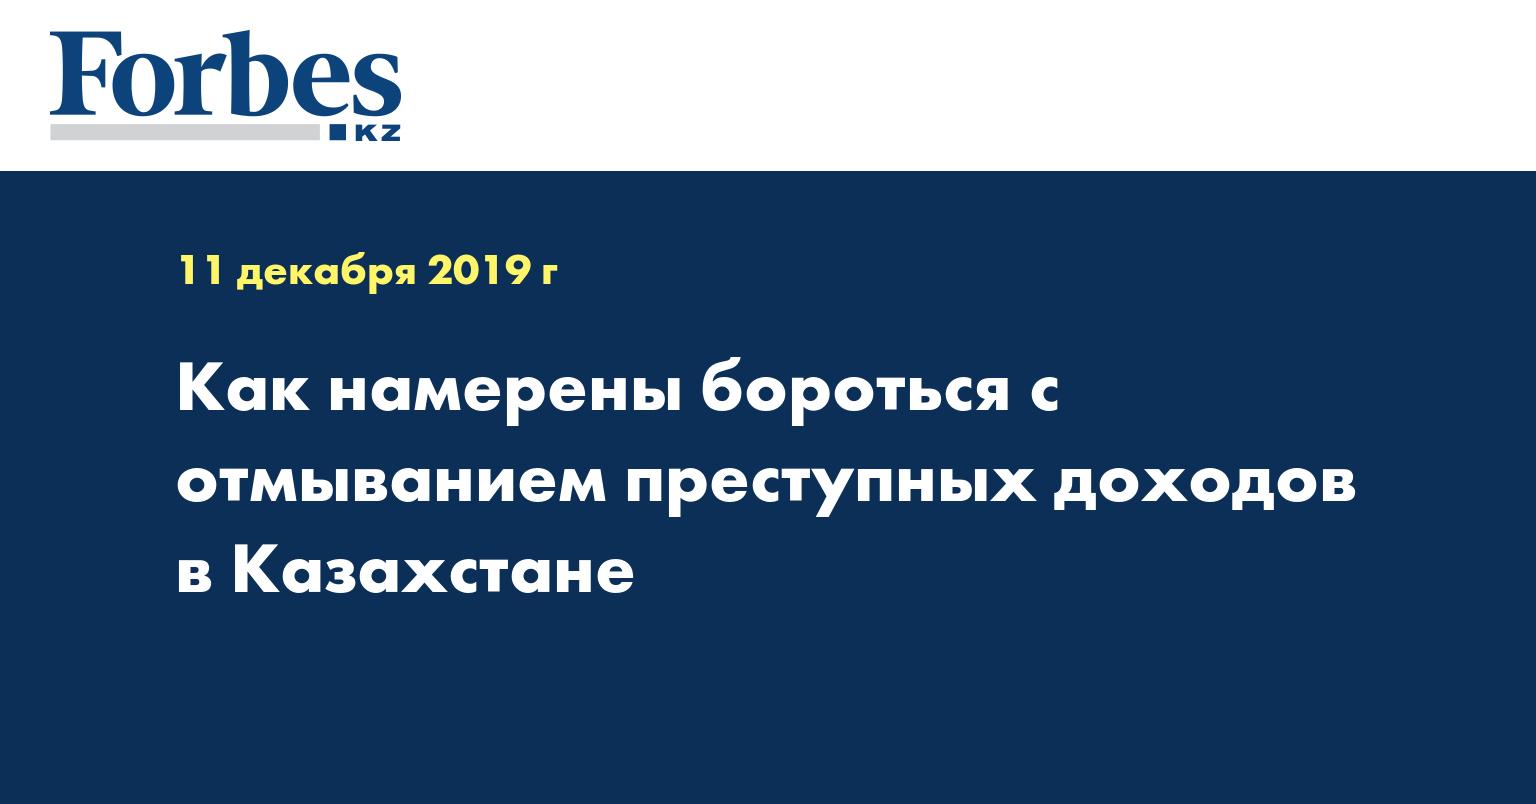 Как намерены бороться с отмыванием преступных доходов в Казахстане